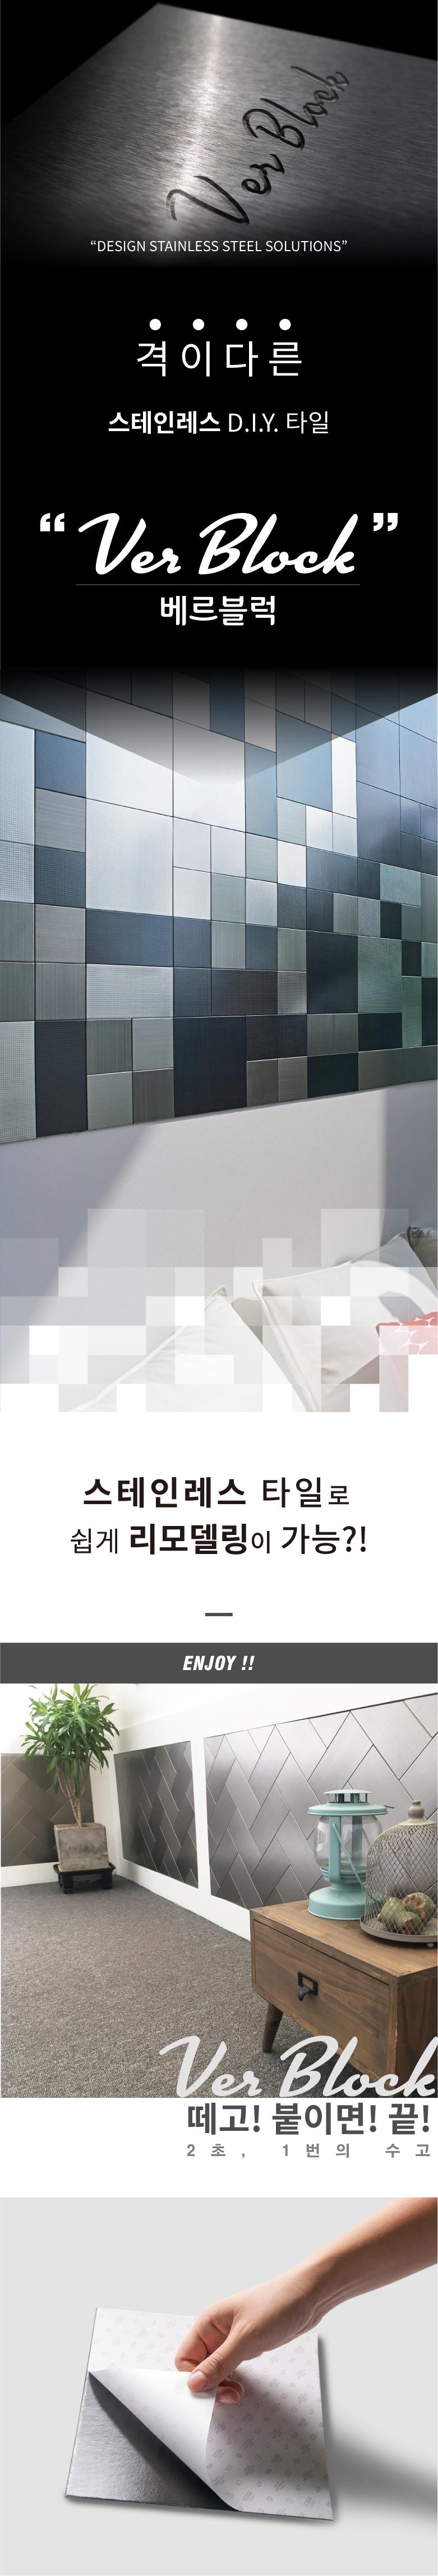 점착식 스텐레스타일 체크실버 (가로)20cm×(세로)20cm - 데코사랑, 3,650원, 장식/부자재, 벽장식